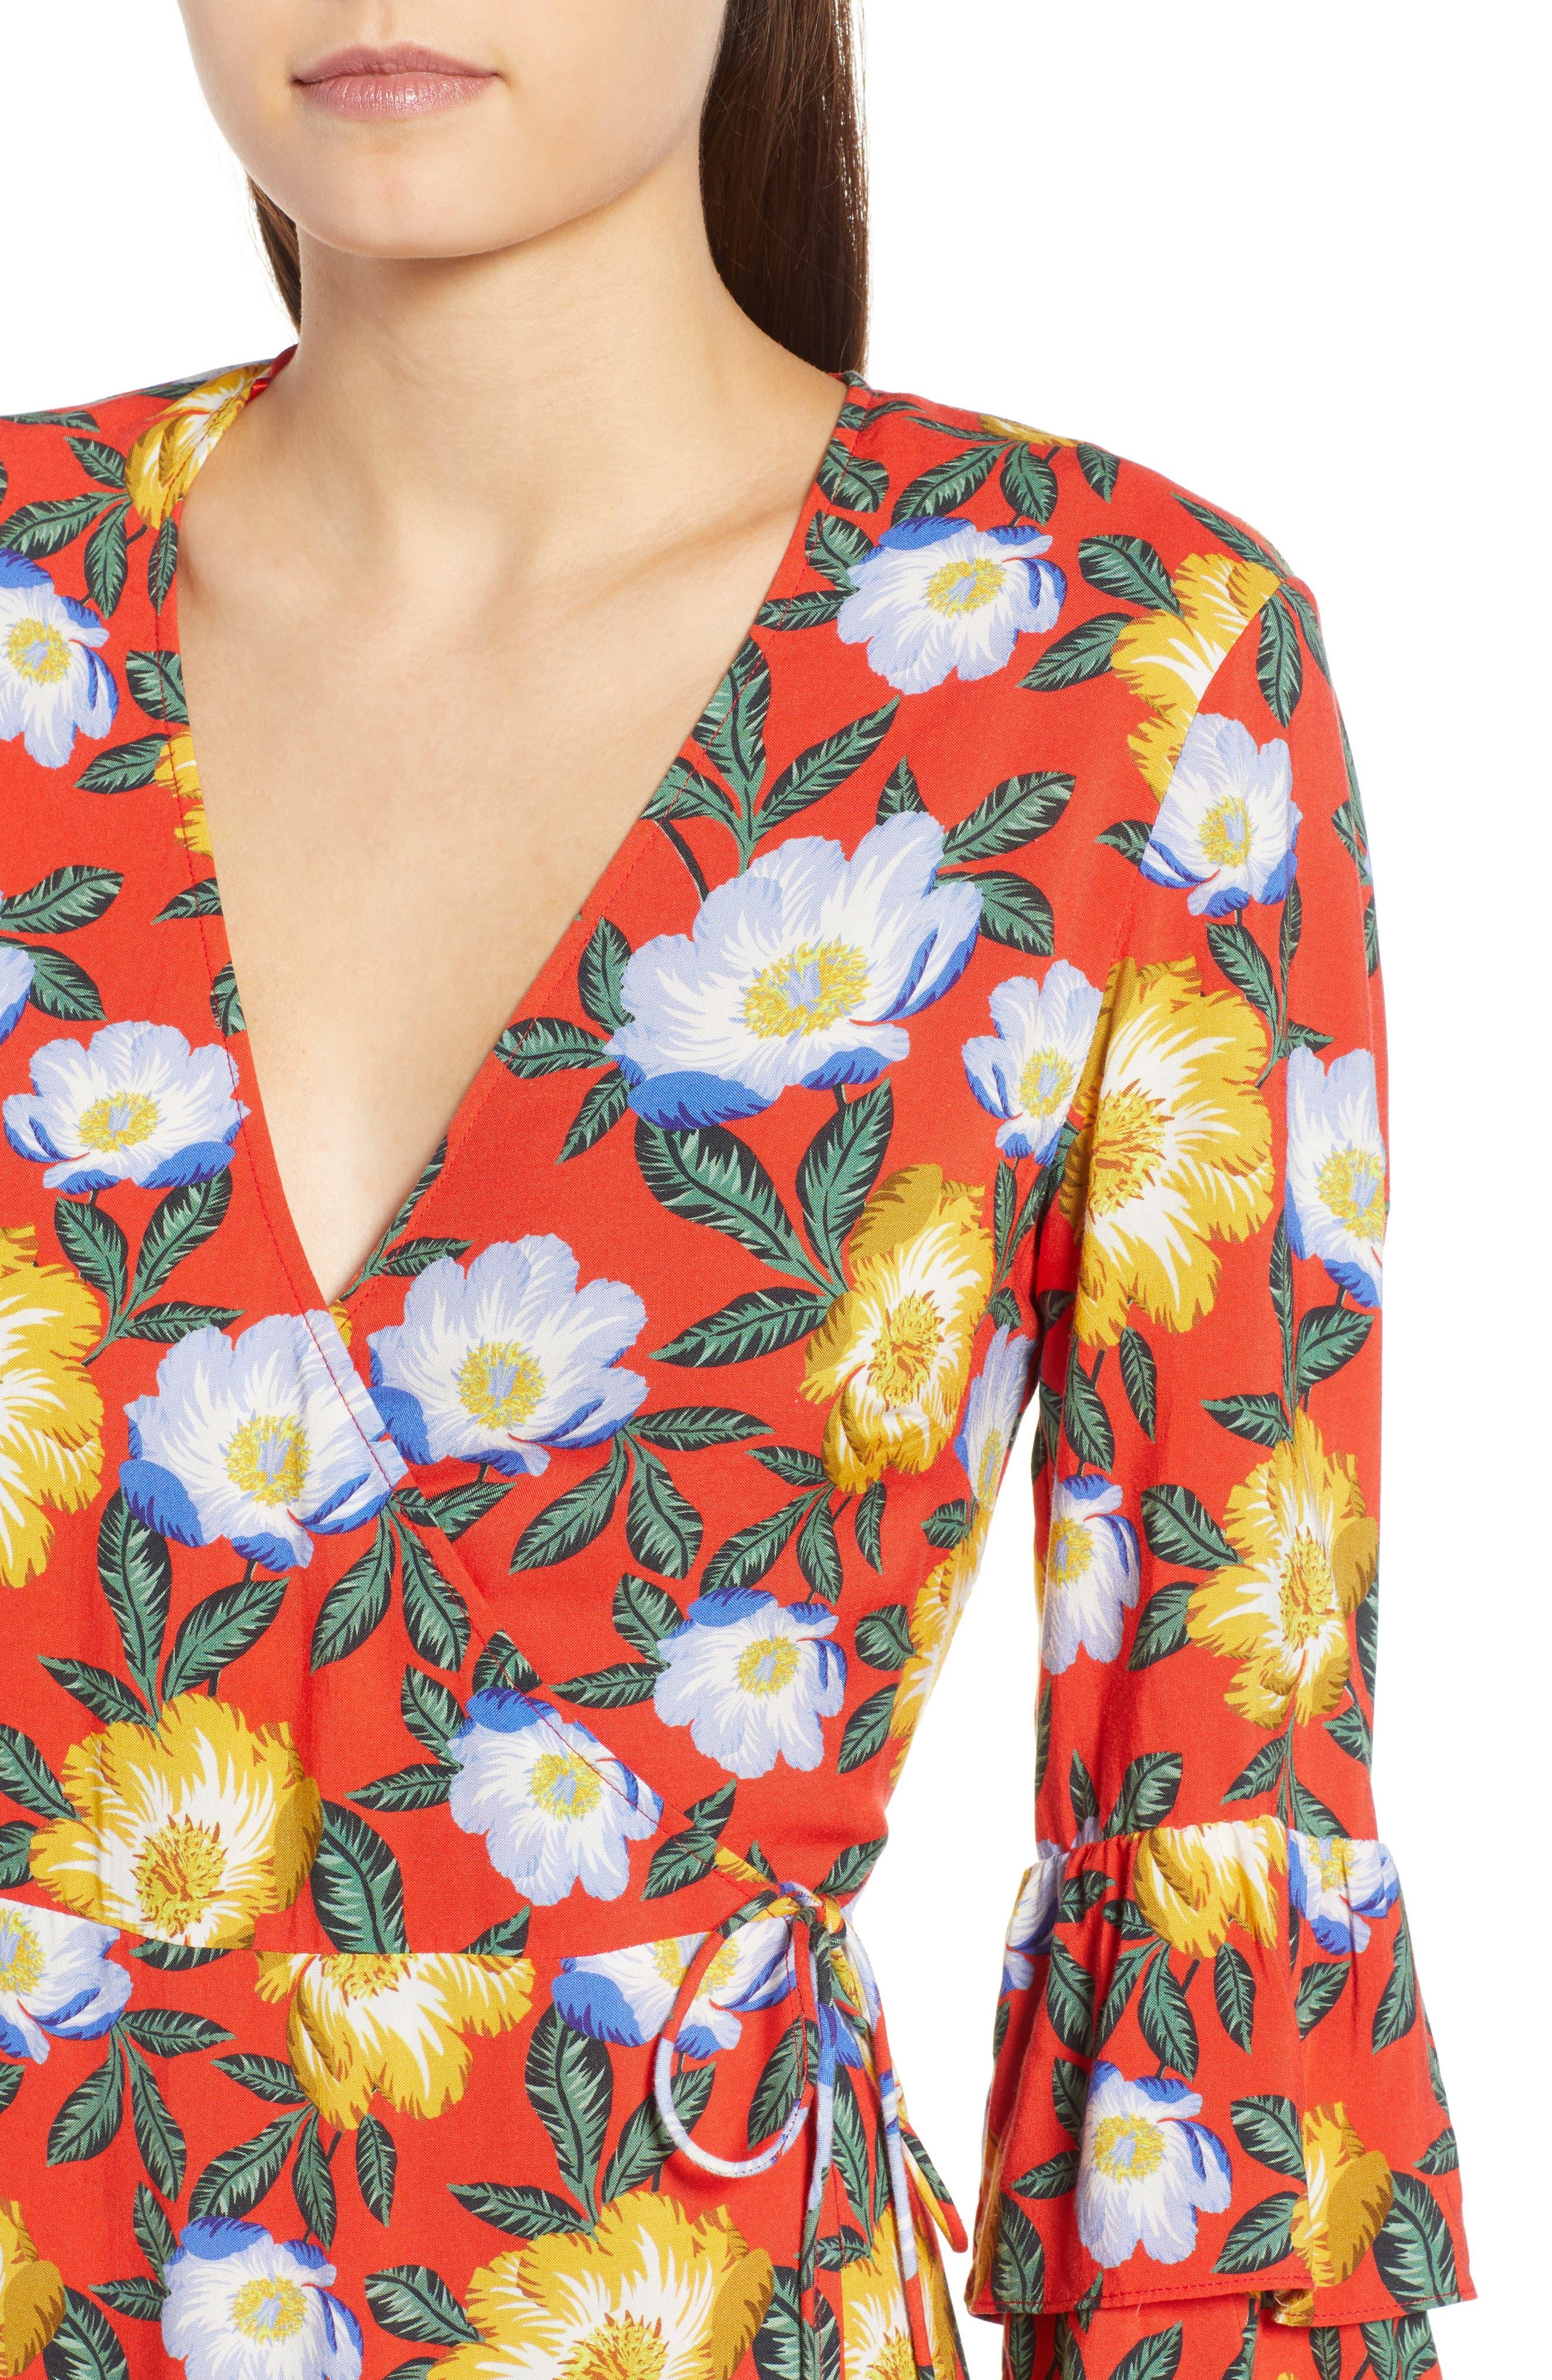 Reunion Floral Wrap Dress,                             Alternate thumbnail 4, color,                             800